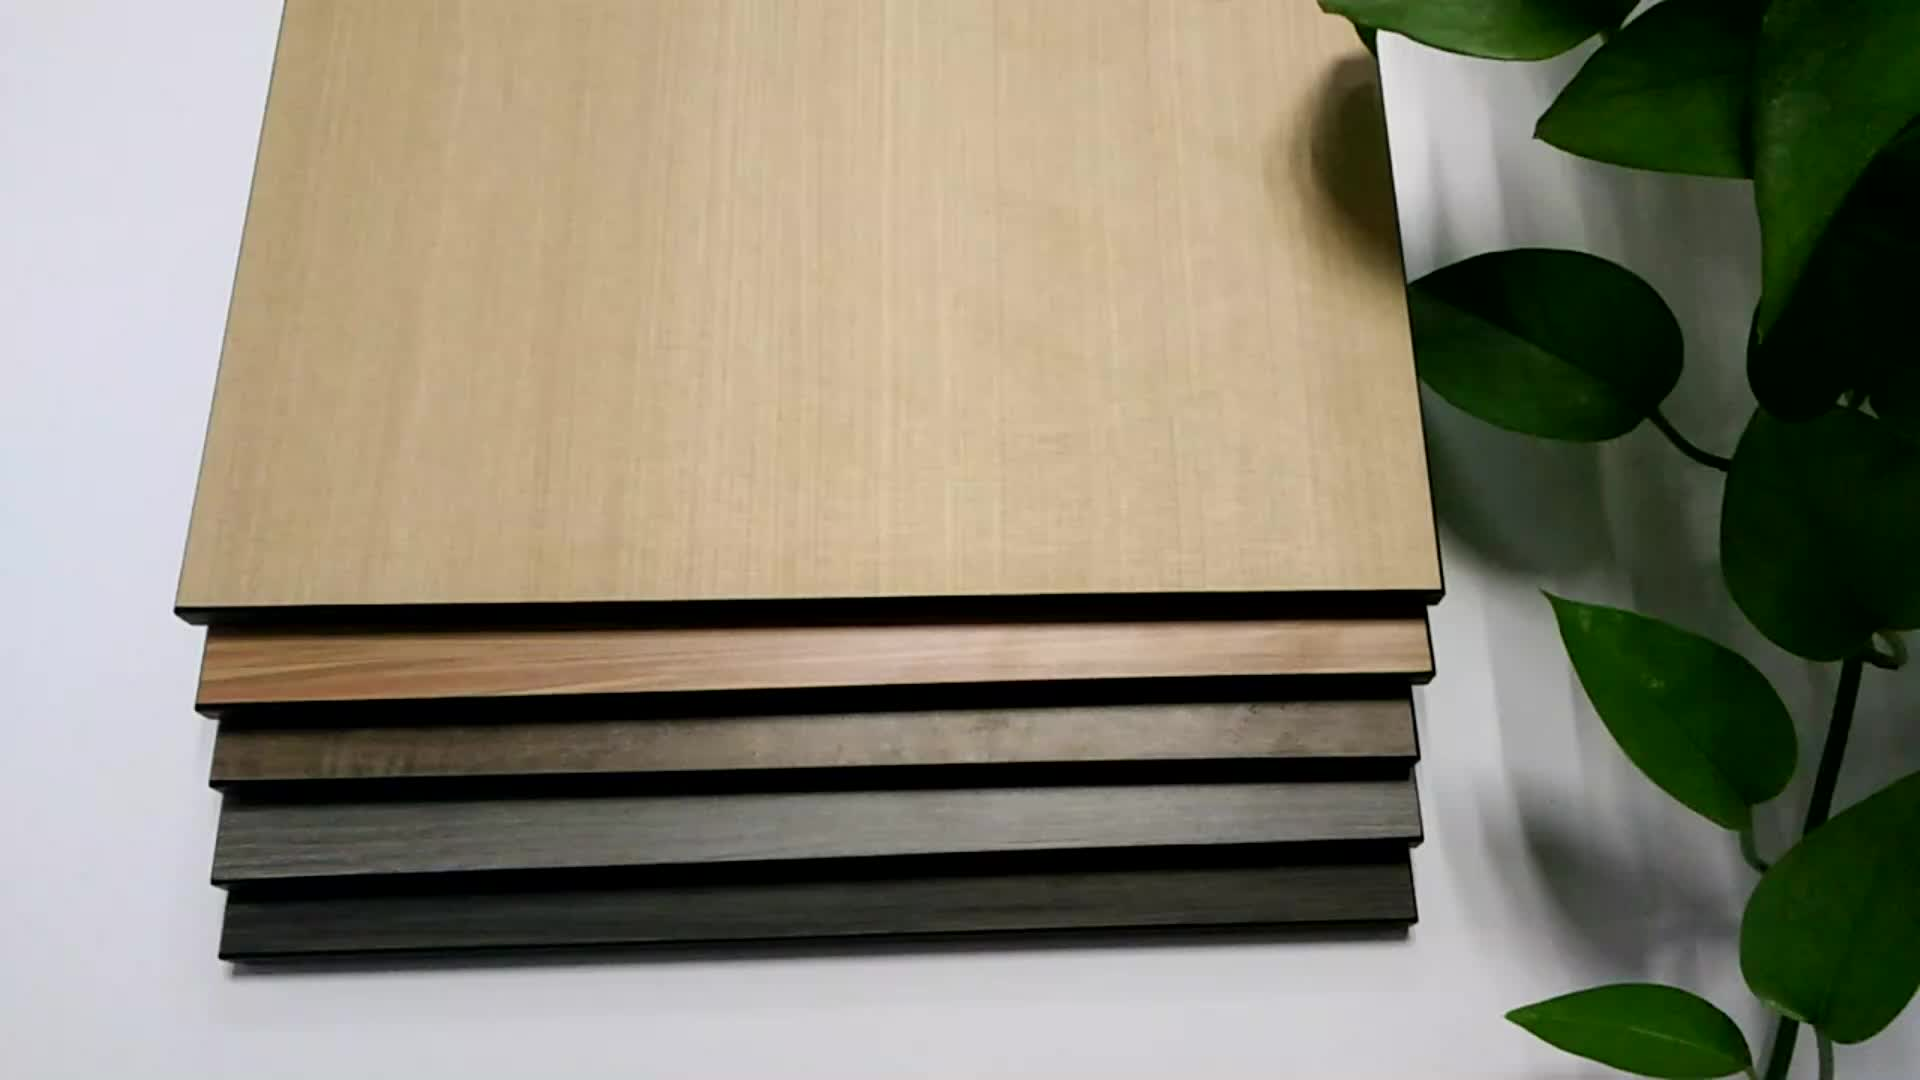 Интерьер водонепроницаемый жаропрочных древесины цвет hpl высокое давление компактная слоистая пластина для облицовки стен и душ стены